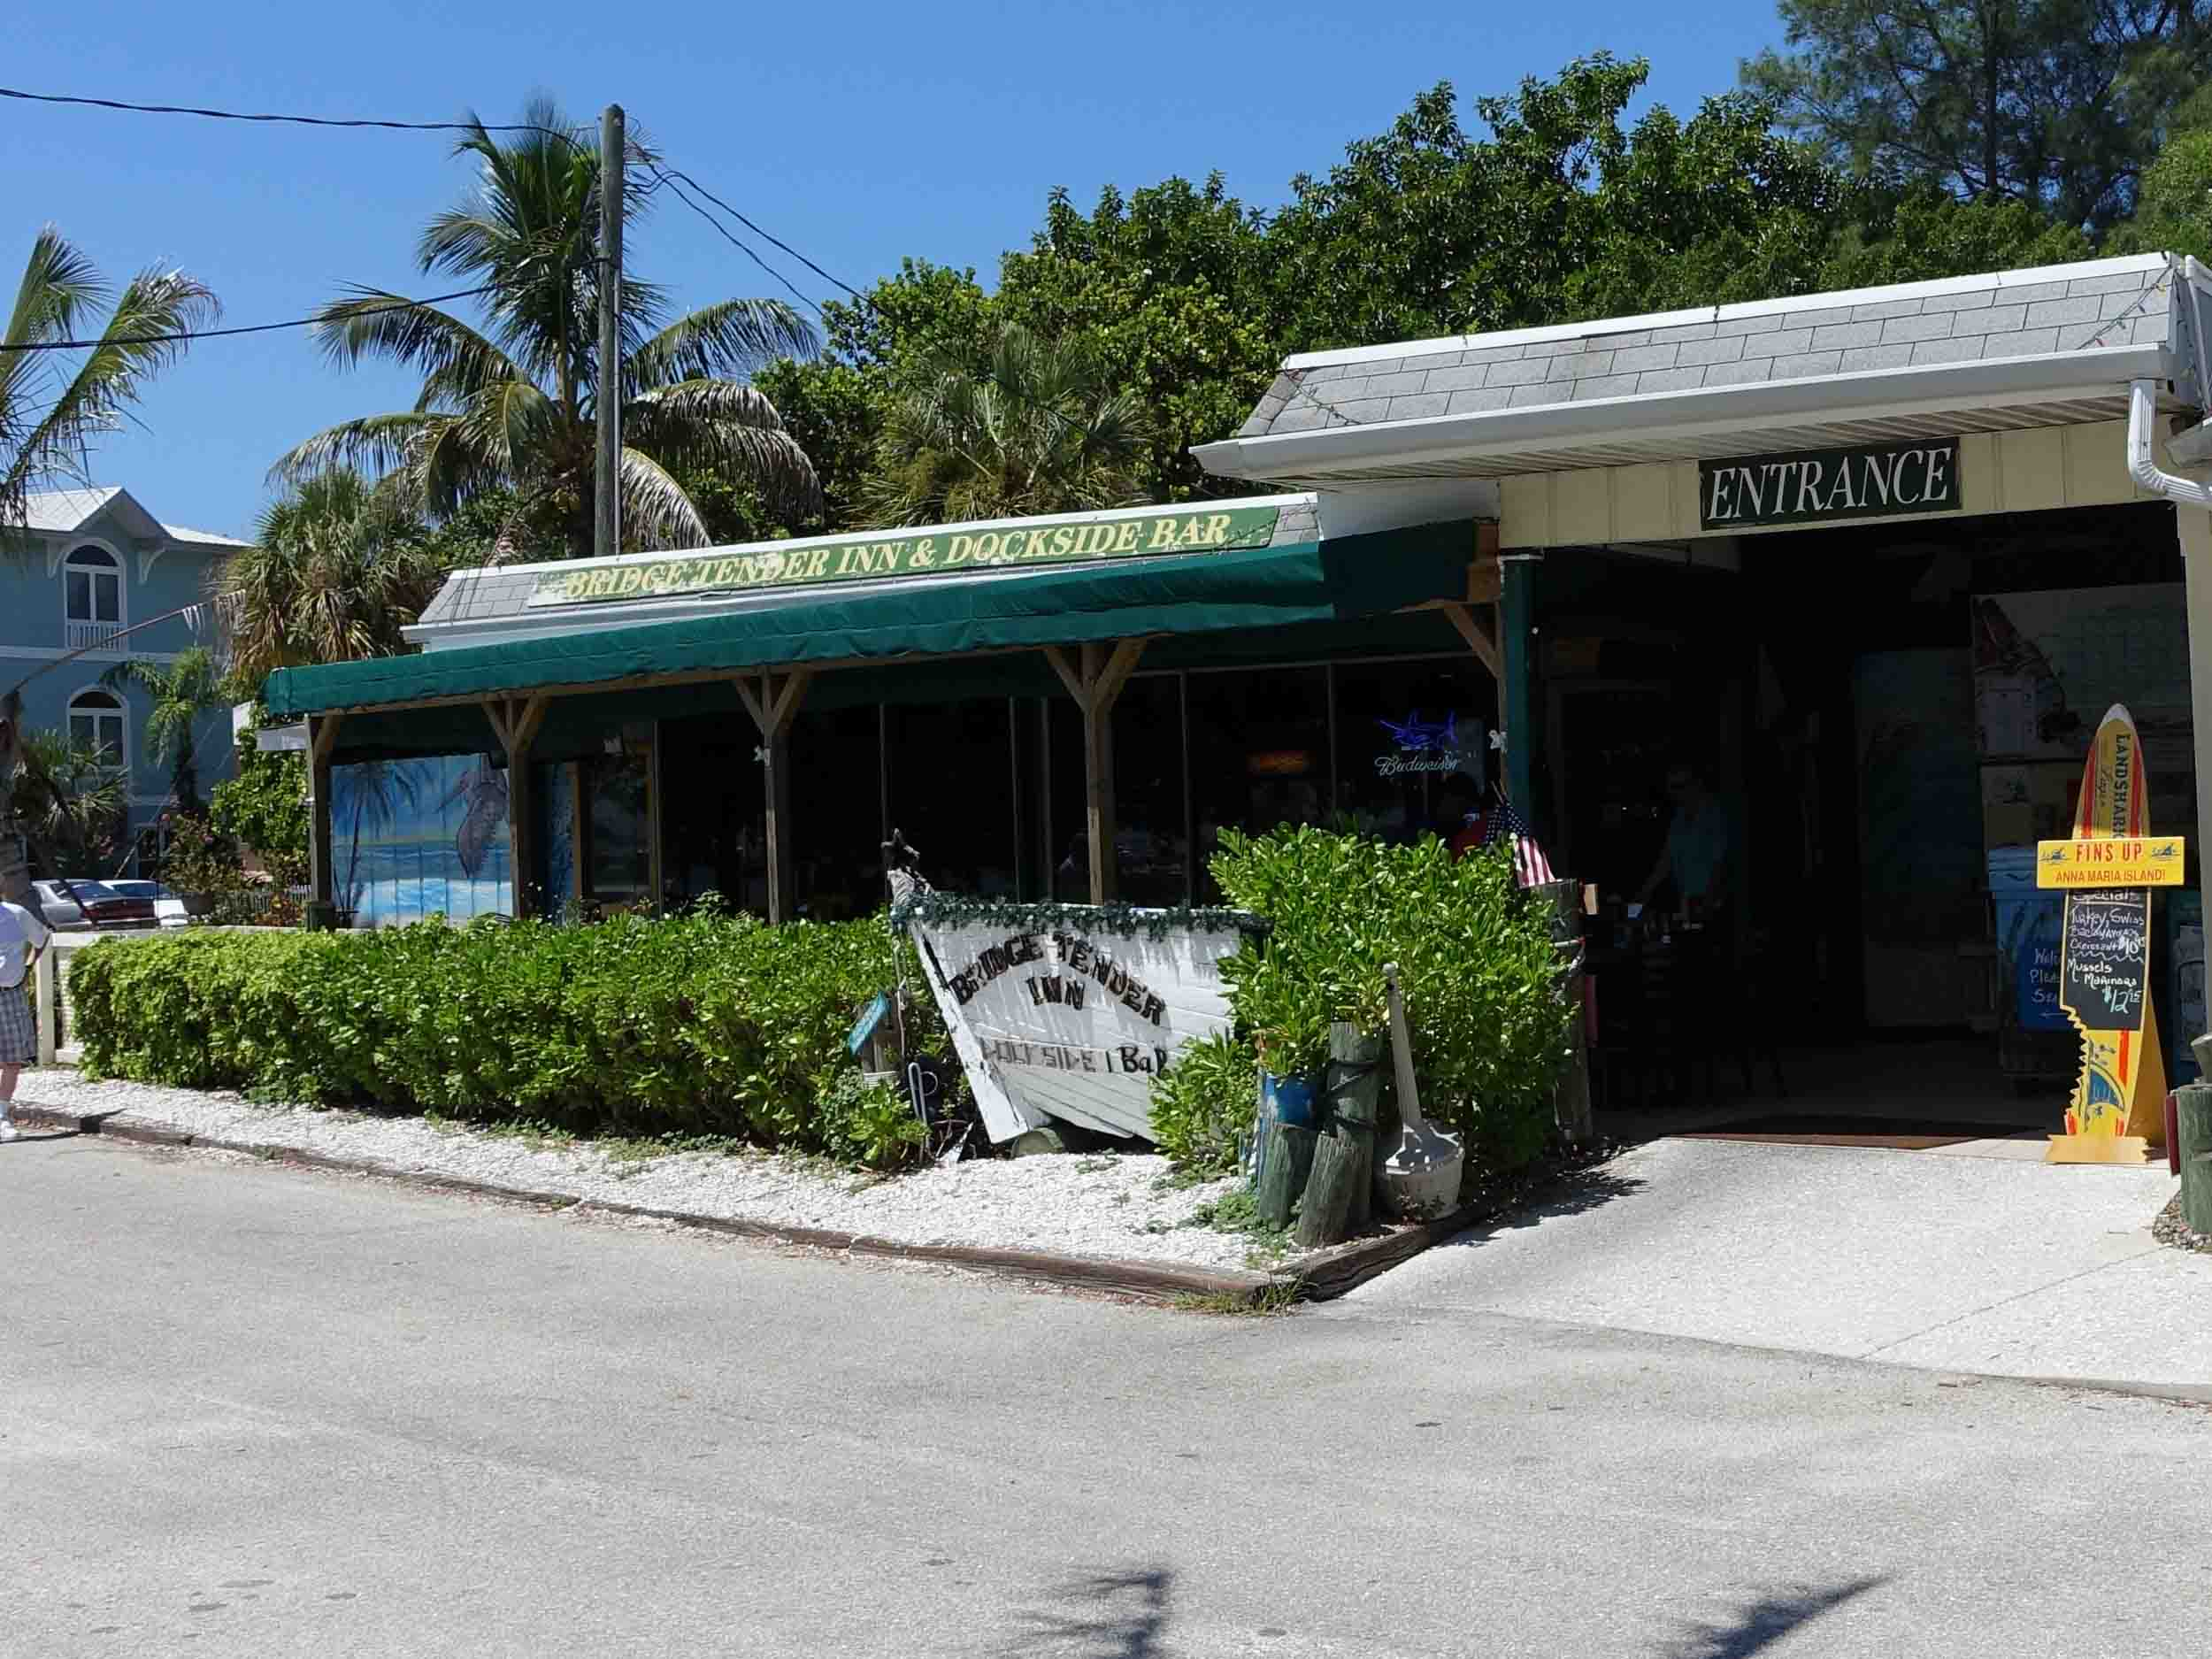 Bridge Tender Inn and Dockside Bar Entrance